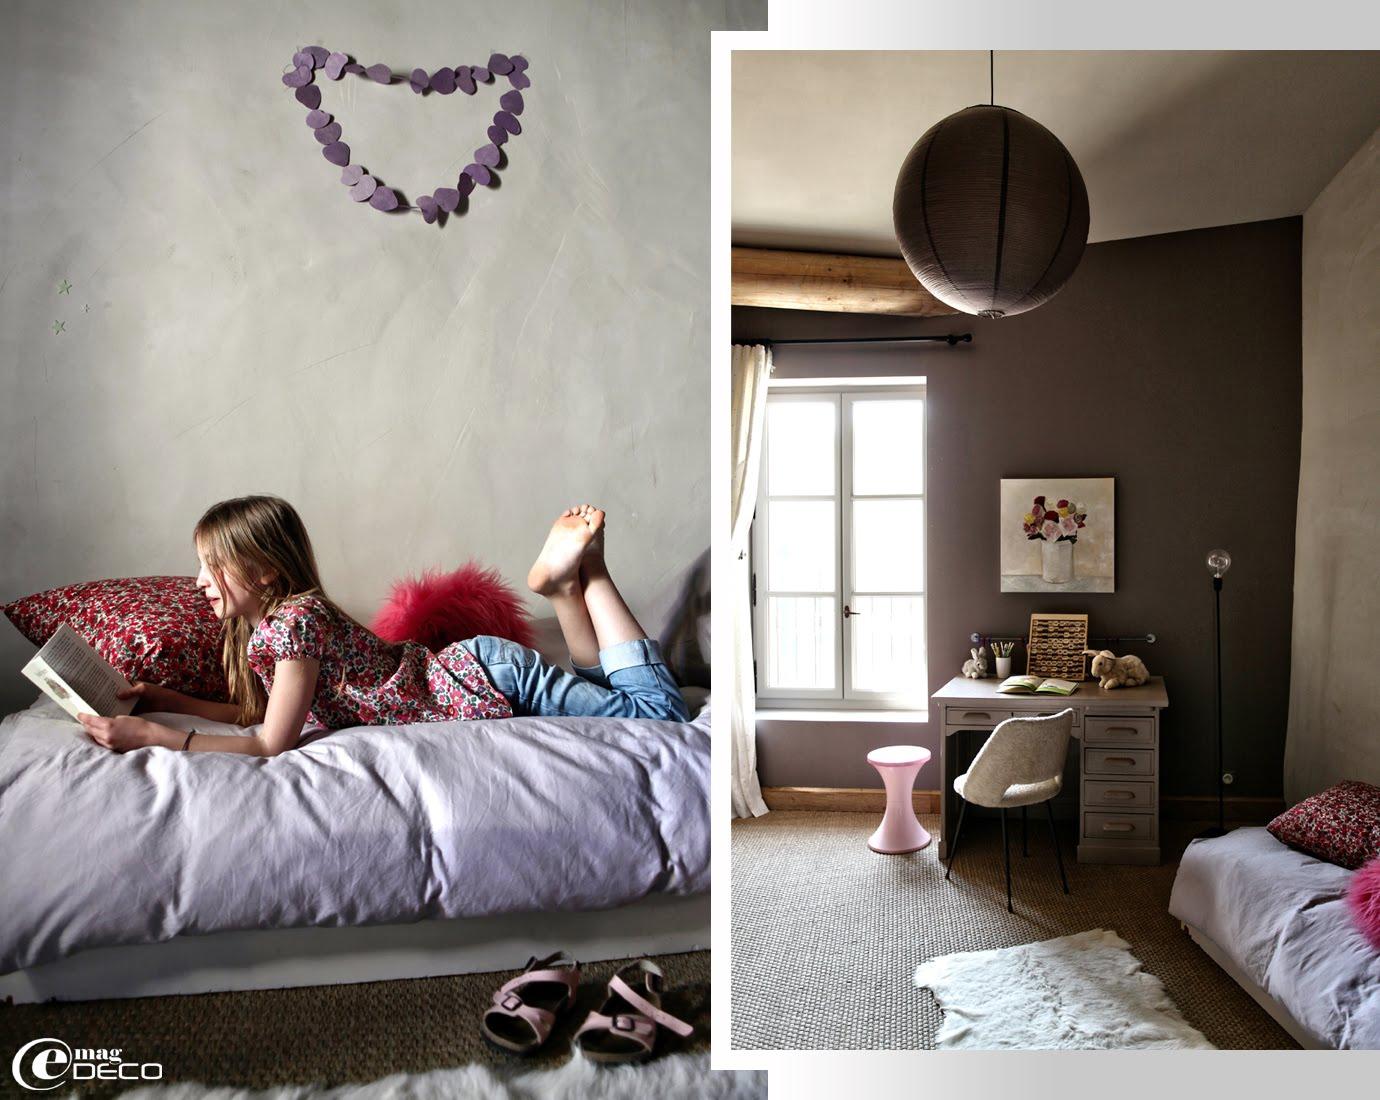 Chambre d'enfant décorée par l'architecte d'intérieur Marie-Laure Helmkampf avec du jonc de mer et des couleurs Farrow & Ball